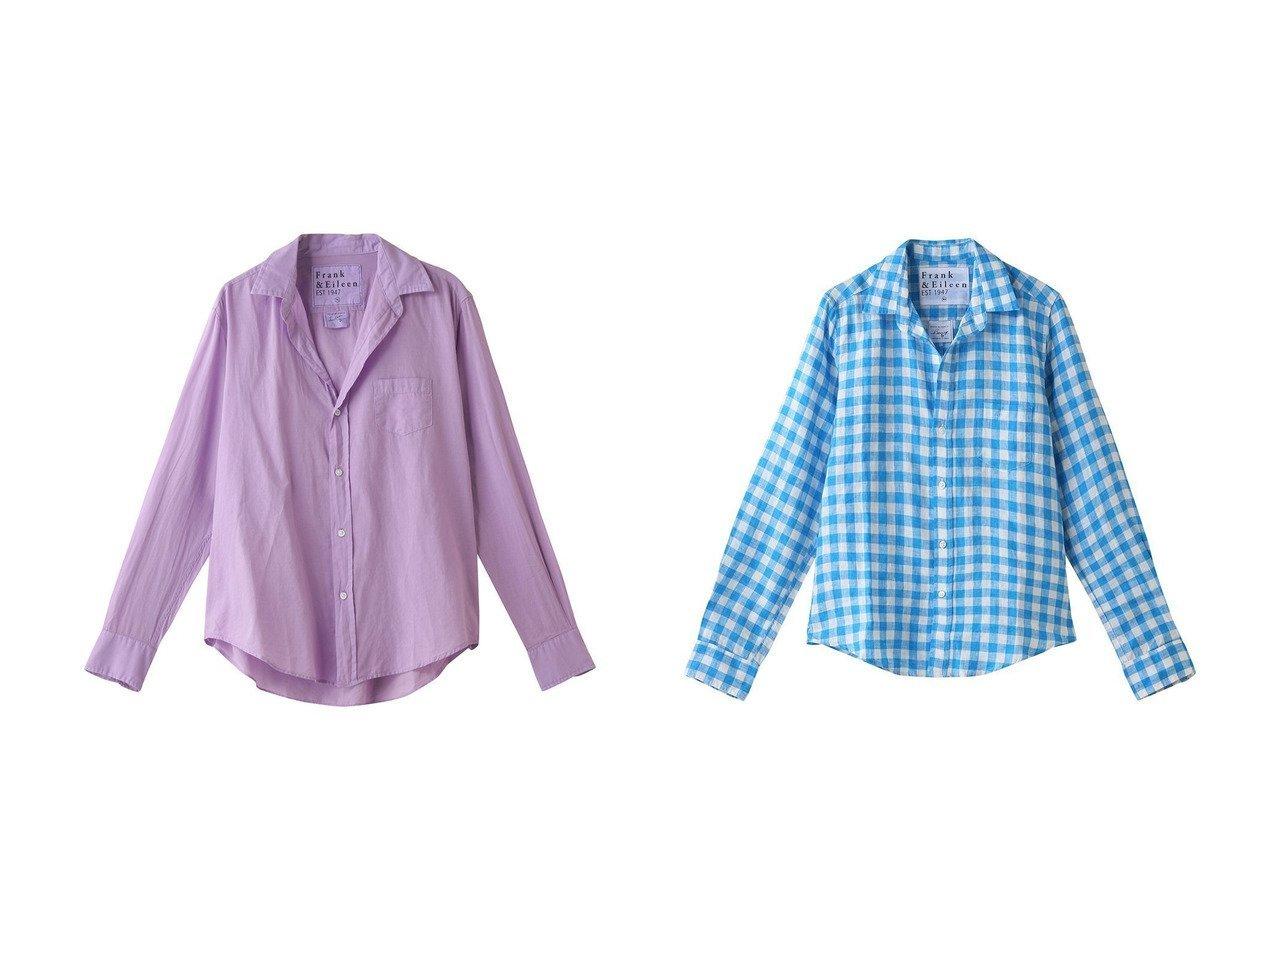 【Frank&Eileen/フランク&アイリーン】のBARRY イタリアンリネン チェックシャツ&EILEEN コットンボイル シャツ トップス・カットソーのおすすめ!人気、トレンド・レディースファッションの通販 おすすめで人気の流行・トレンド、ファッションの通販商品 メンズファッション・キッズファッション・インテリア・家具・レディースファッション・服の通販 founy(ファニー) https://founy.com/ ファッション Fashion レディースファッション WOMEN トップス カットソー Tops Tshirt シャツ/ブラウス Shirts Blouses 2021年 2021 2021 春夏 S/S SS Spring/Summer 2021 S/S 春夏 SS Spring/Summer シンプル スリーブ ロング 春 Spring 長袖 |ID:crp329100000024831